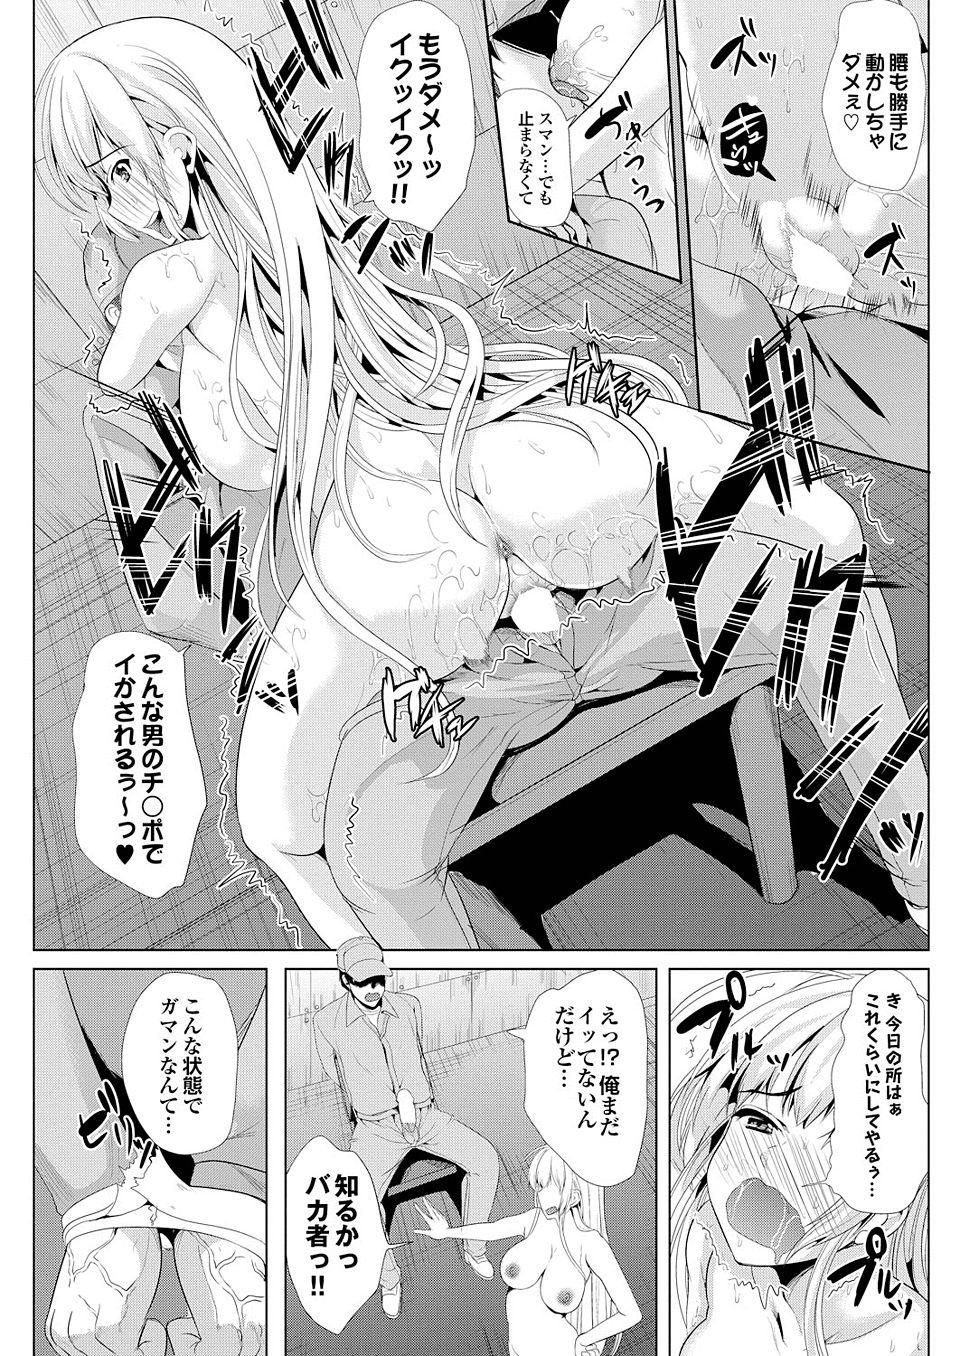 【エロ漫画・エロ同人】捕らえられた男が拘束されたまま巨乳娘にエッチな拷問されてるw足コキからパイズリされチンコ挿入したら立場逆転でセックスしてるwww (11)